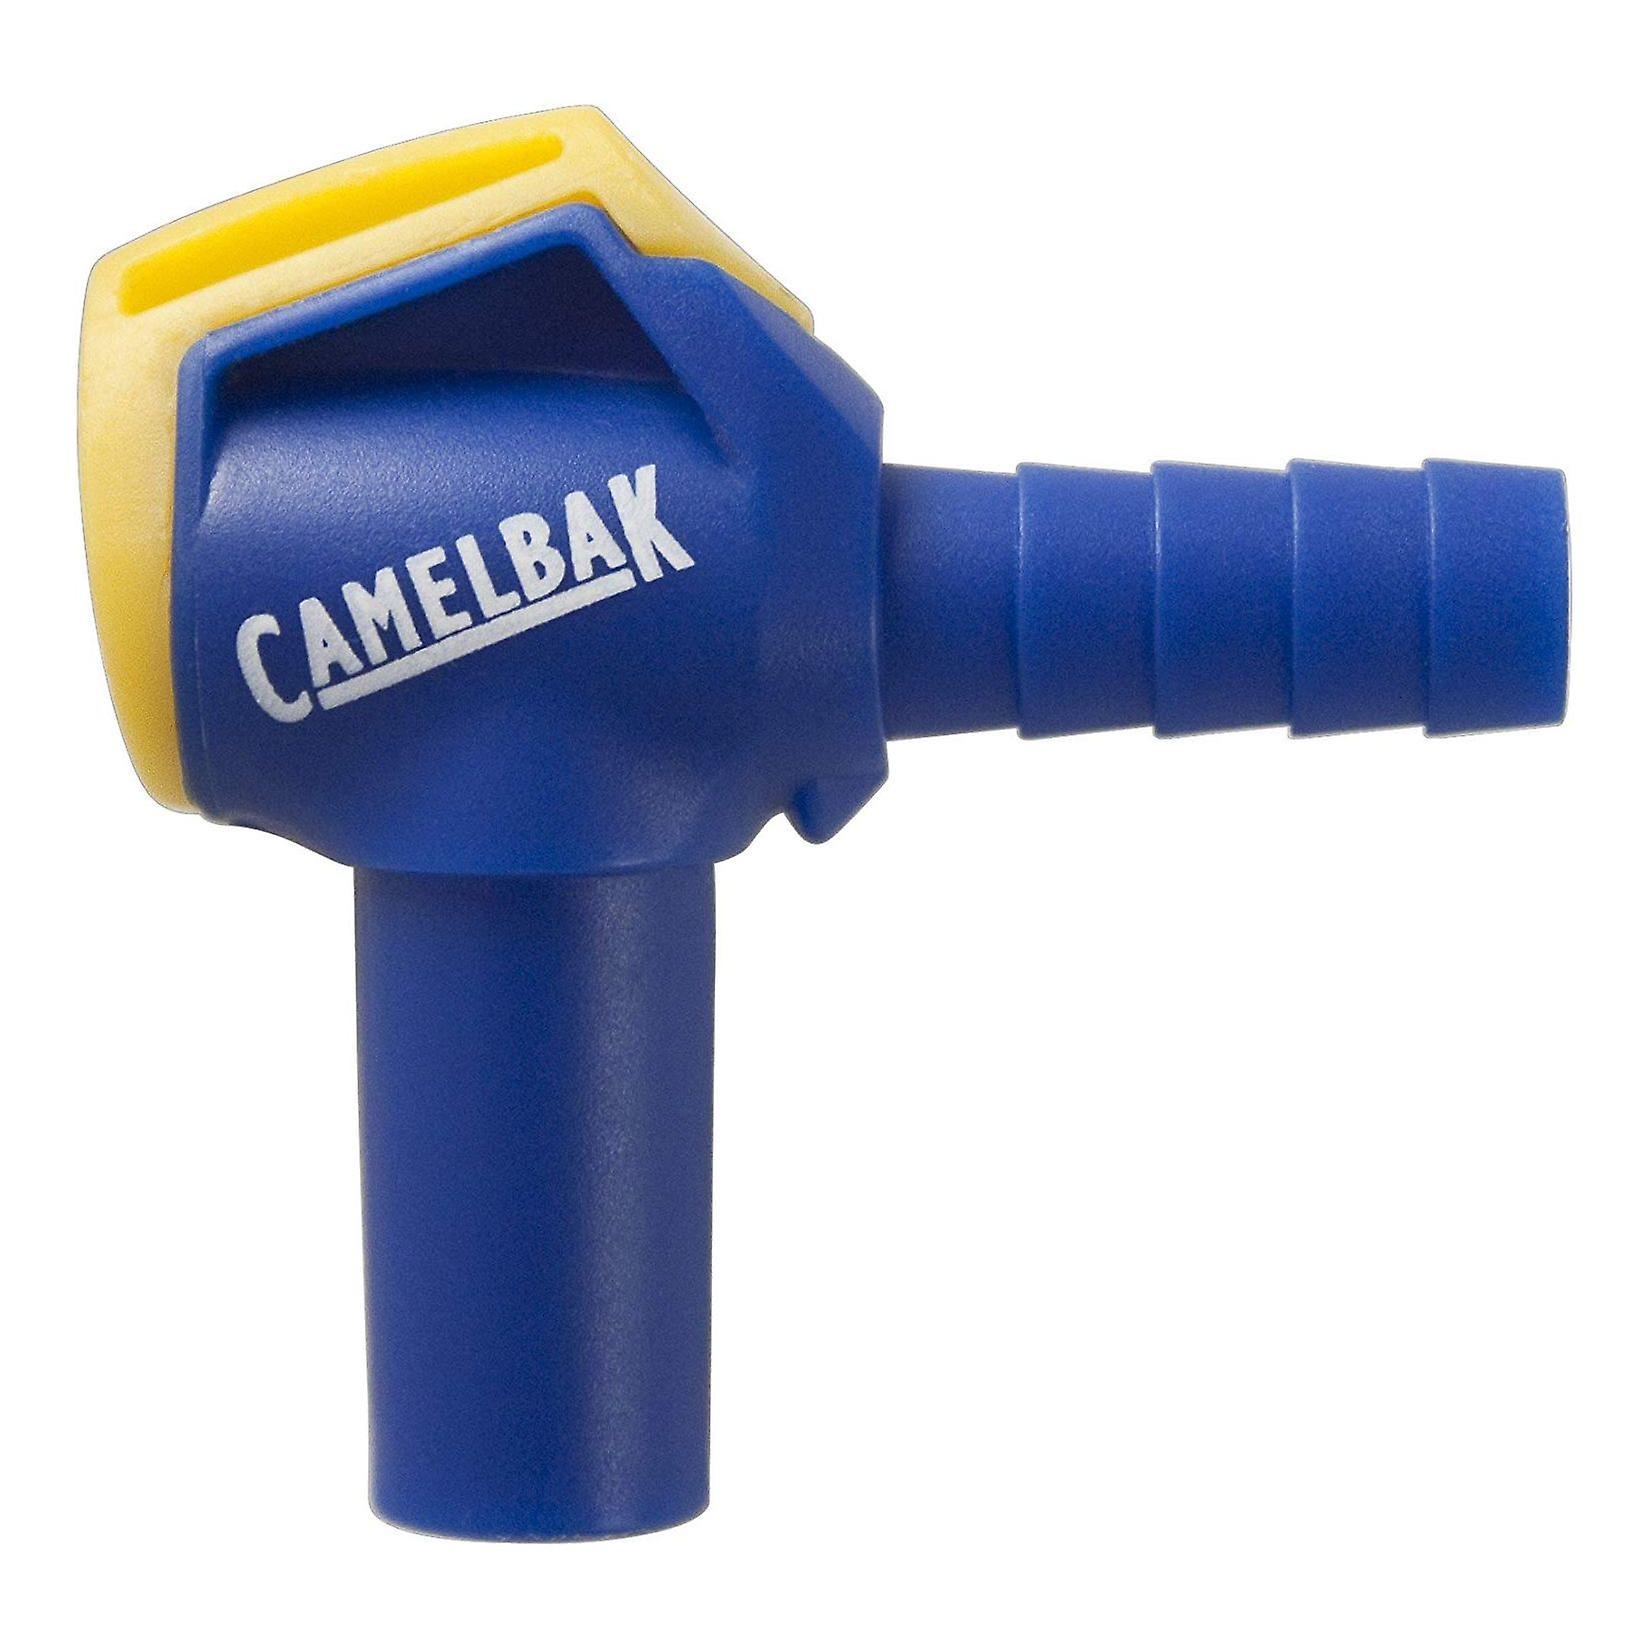 Camelbak Ergo Hydrolock shut off valve 90 degree Adapter for Camelbak antidote